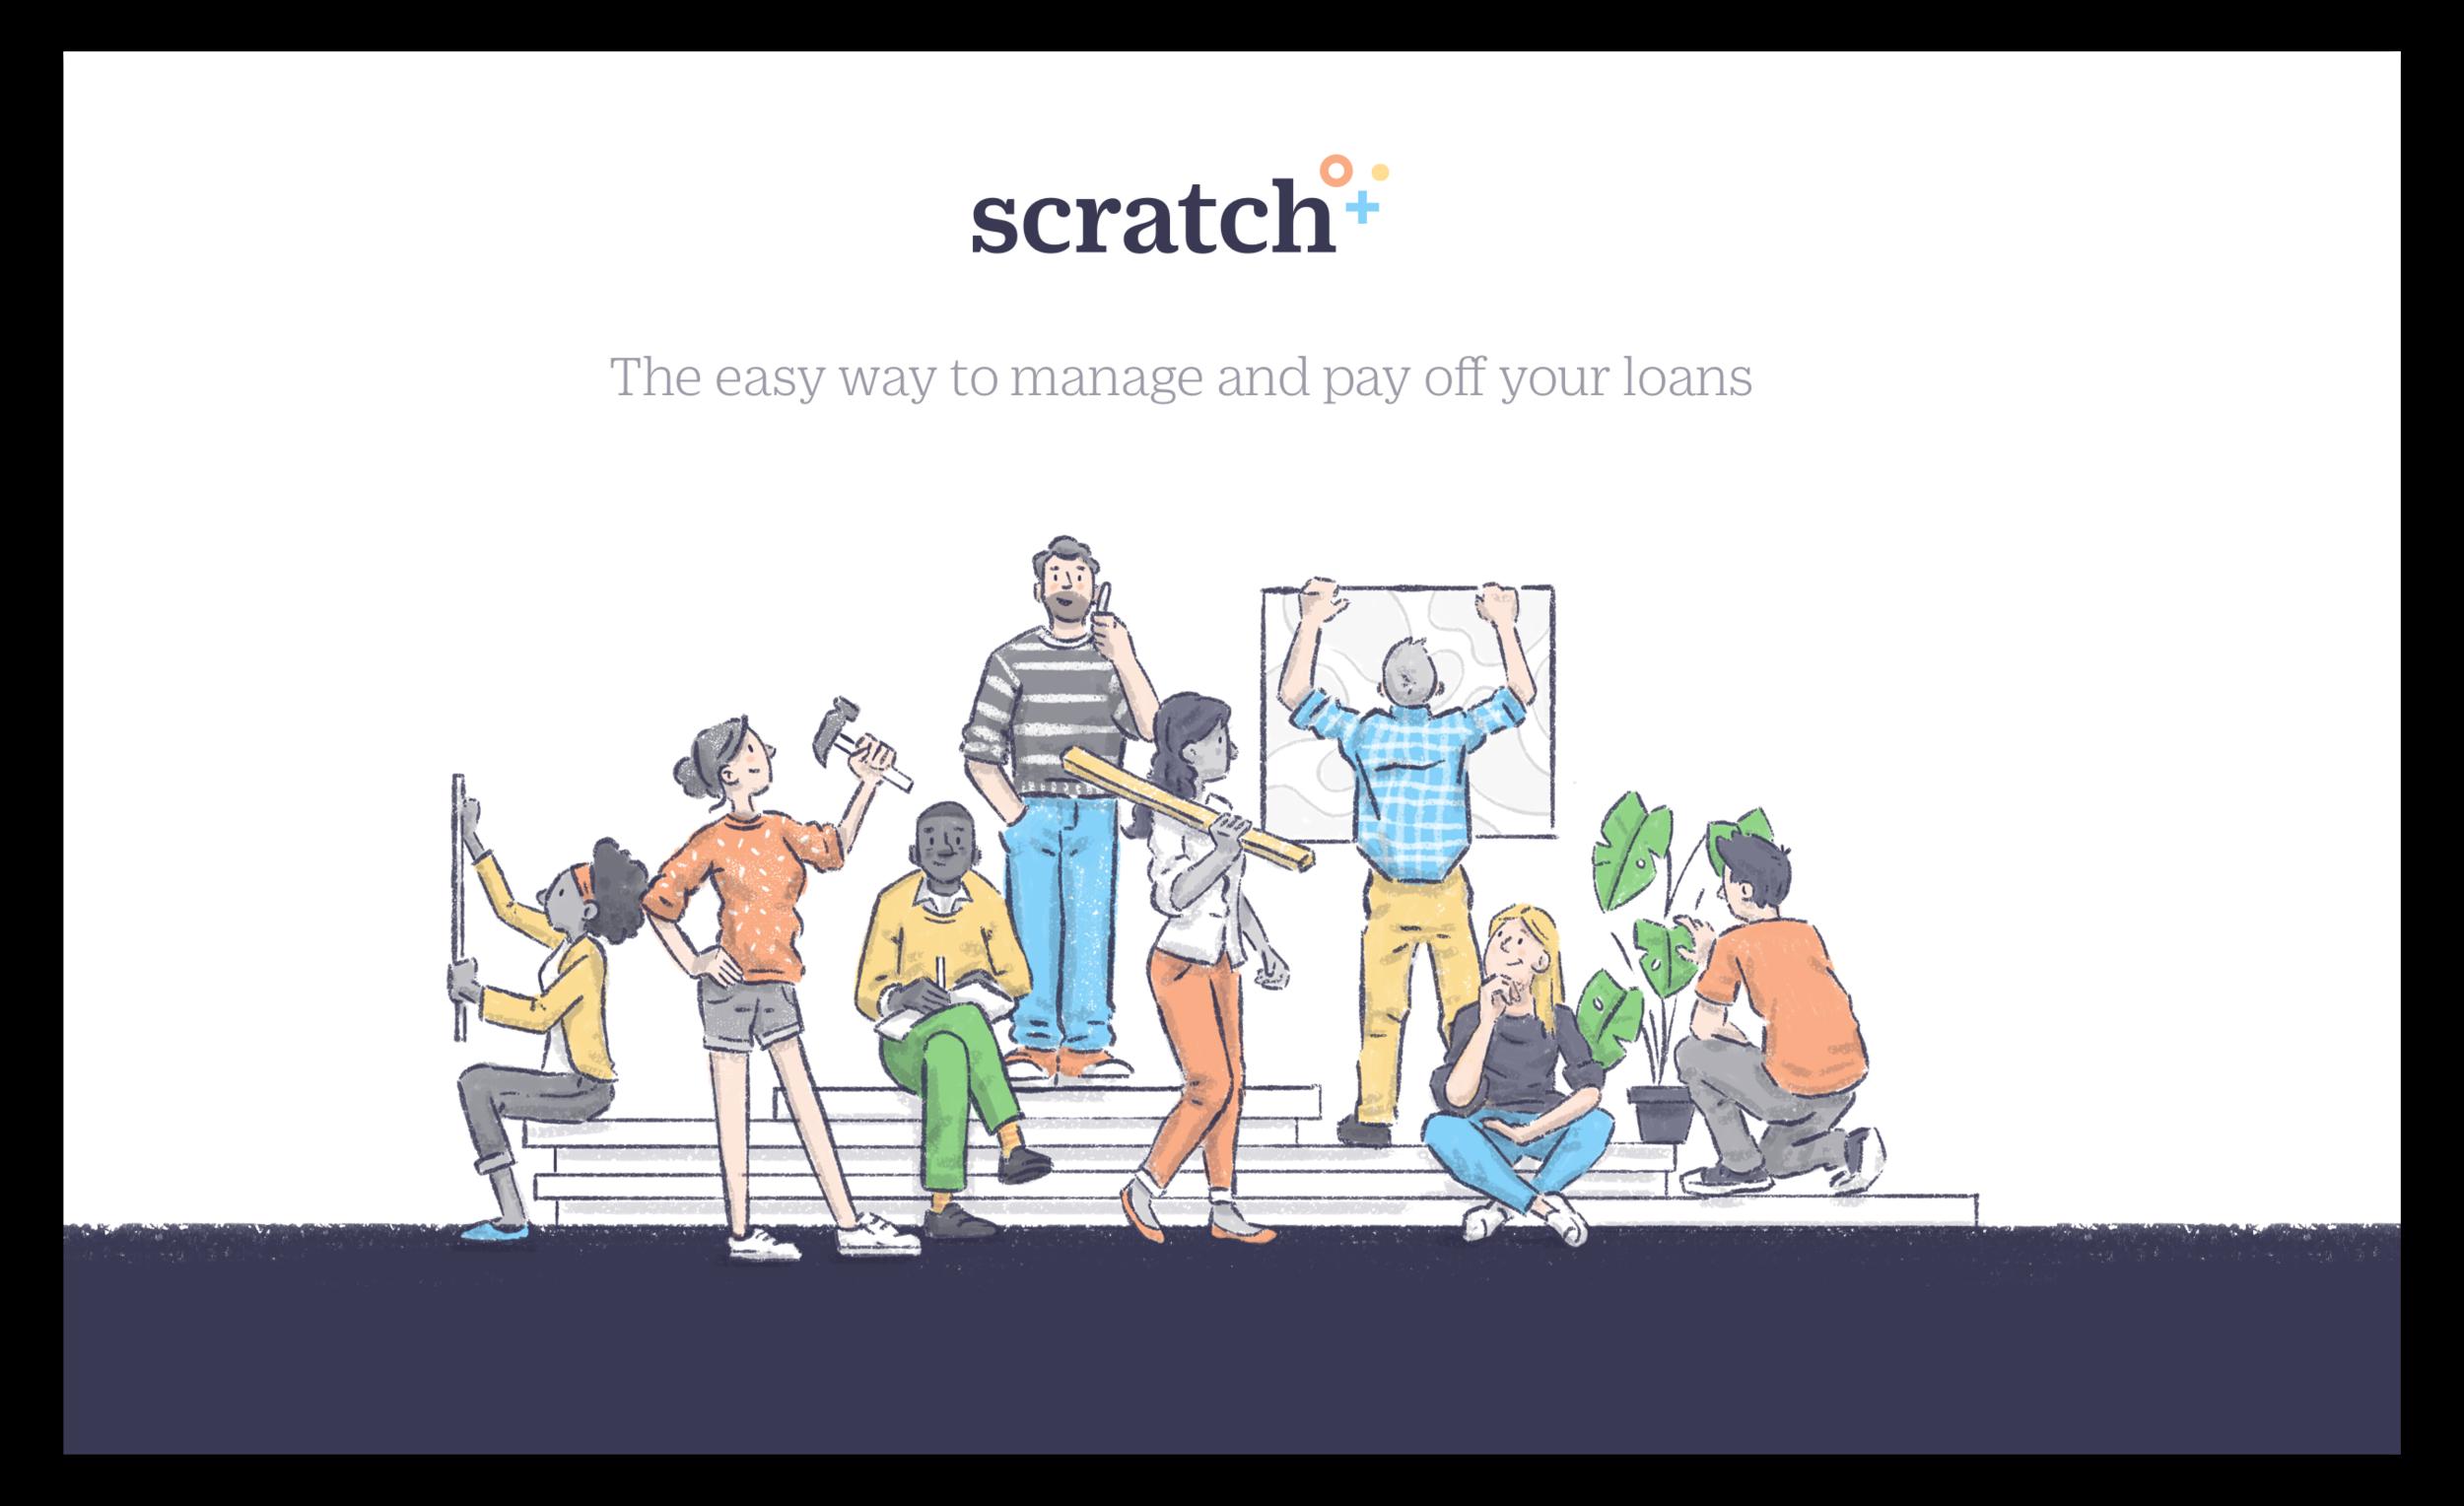 scratch-012.png